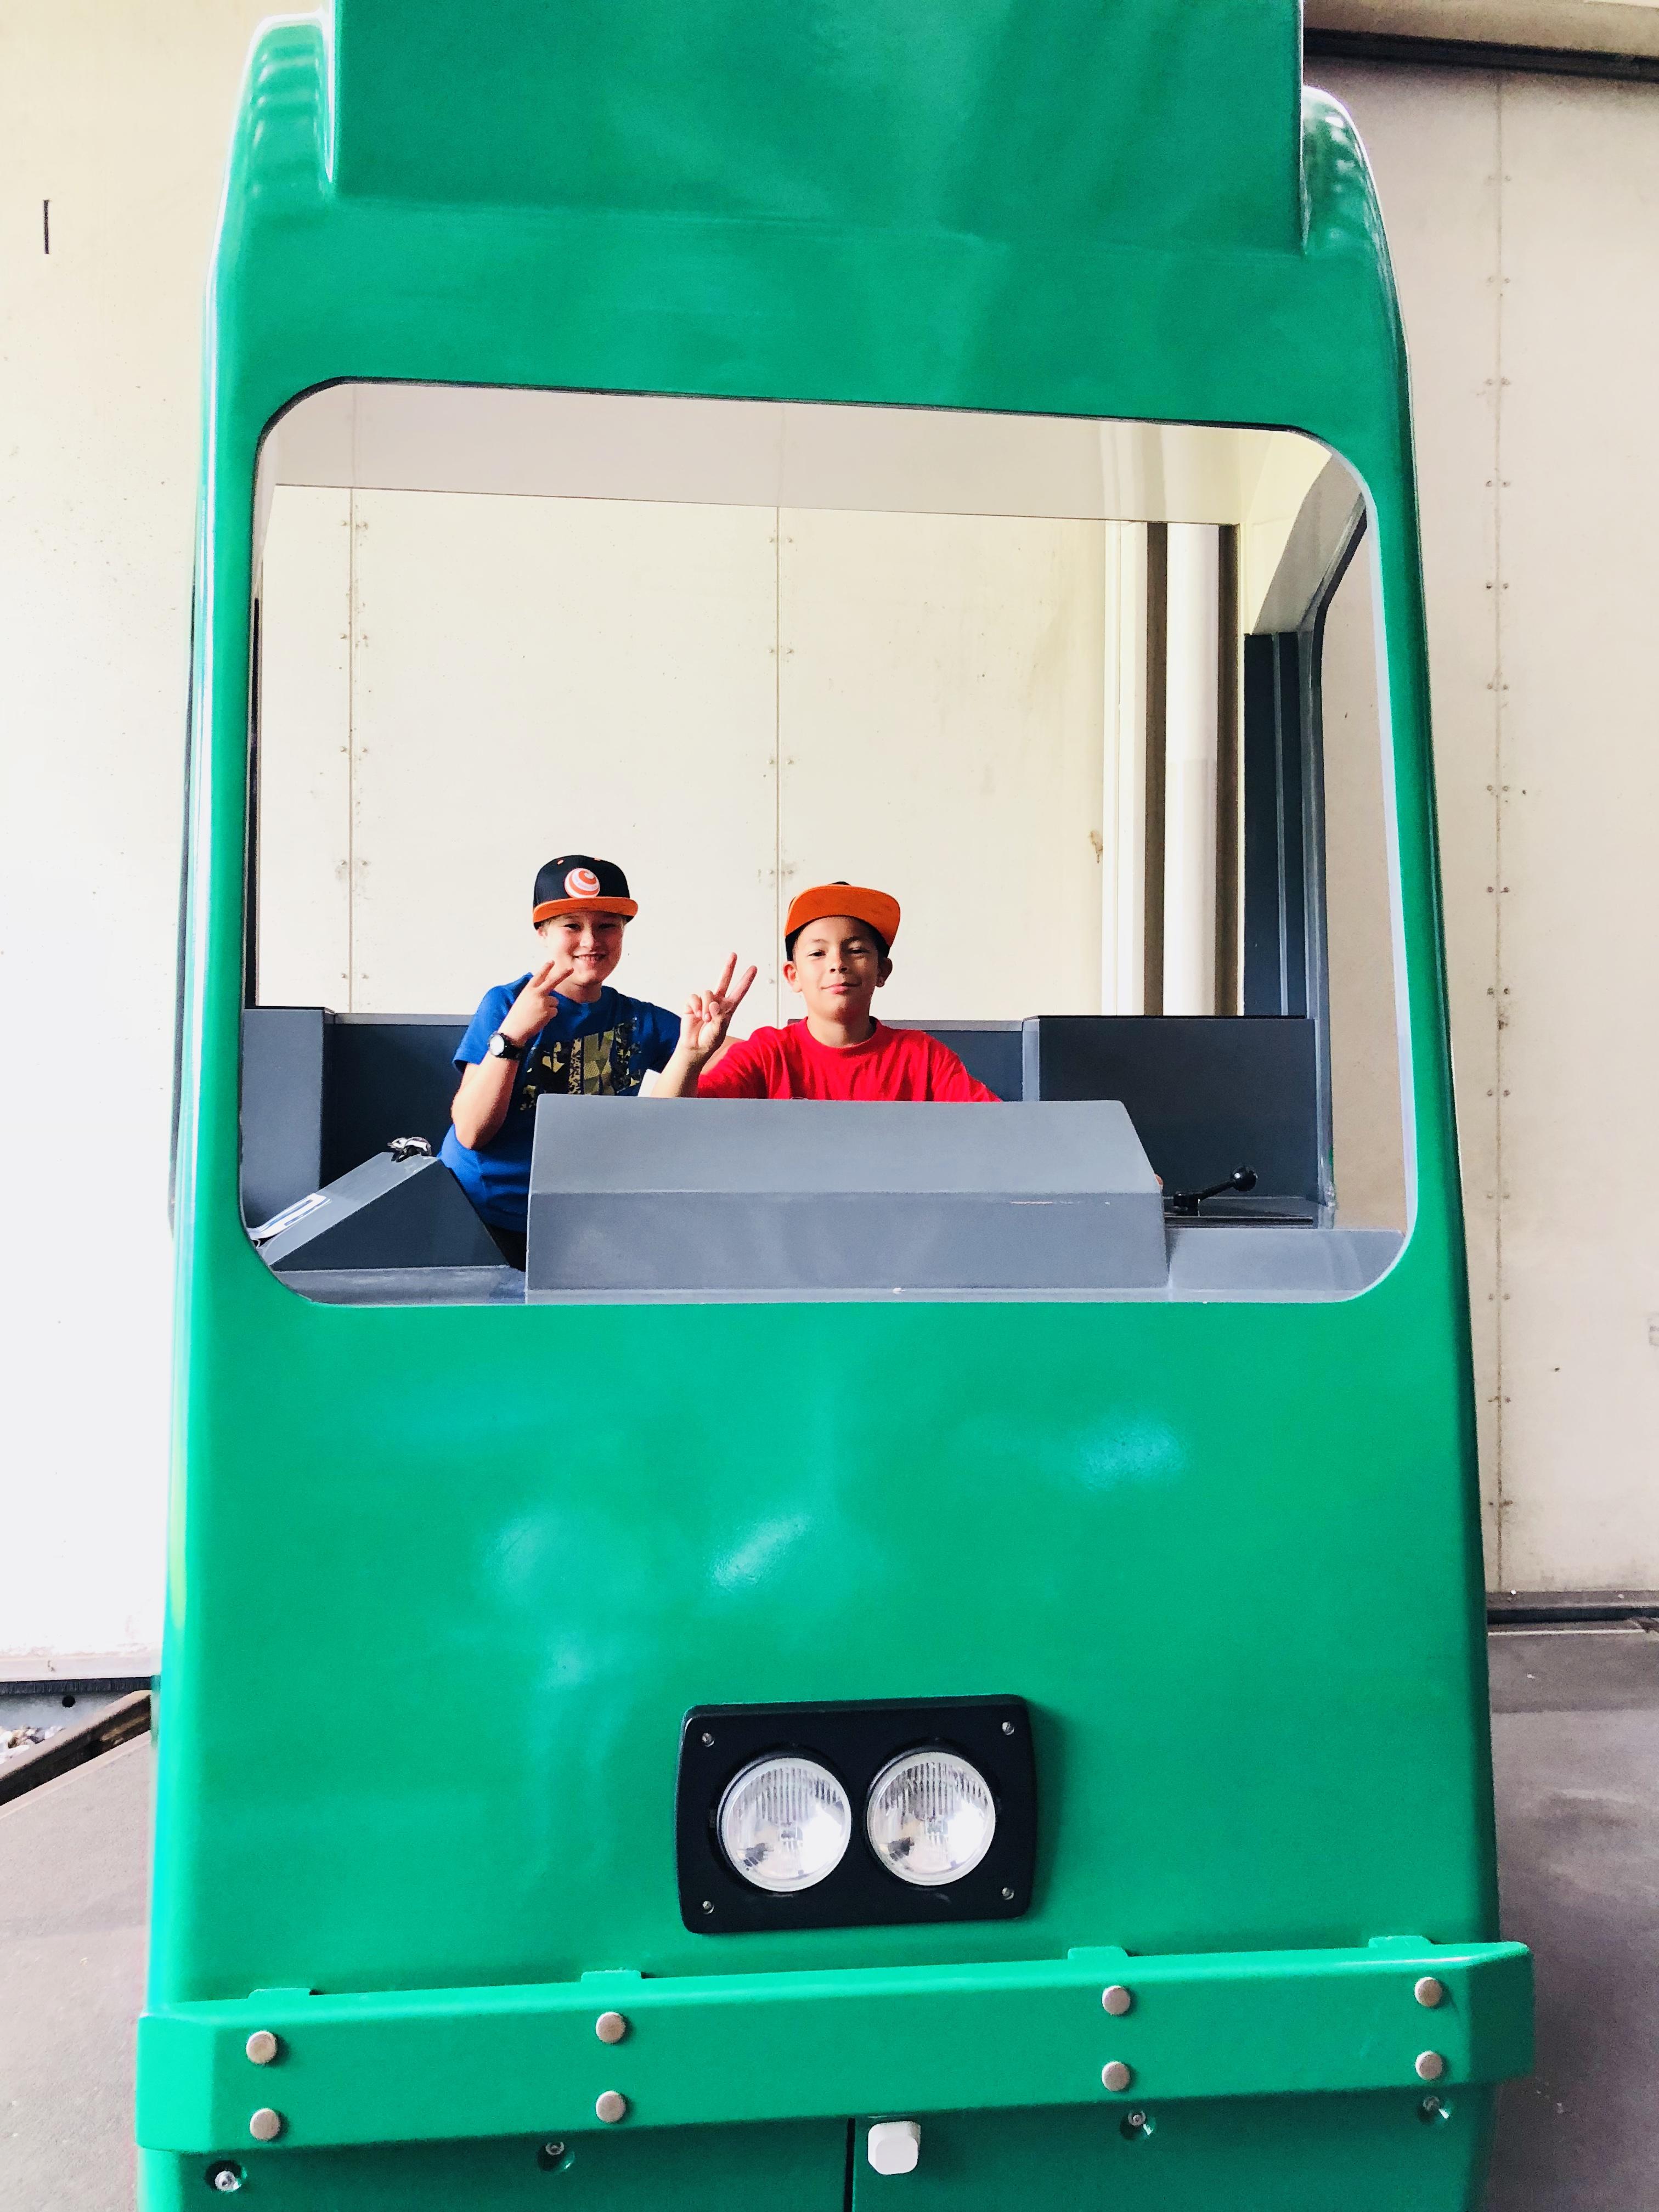 Musée des transports 2018